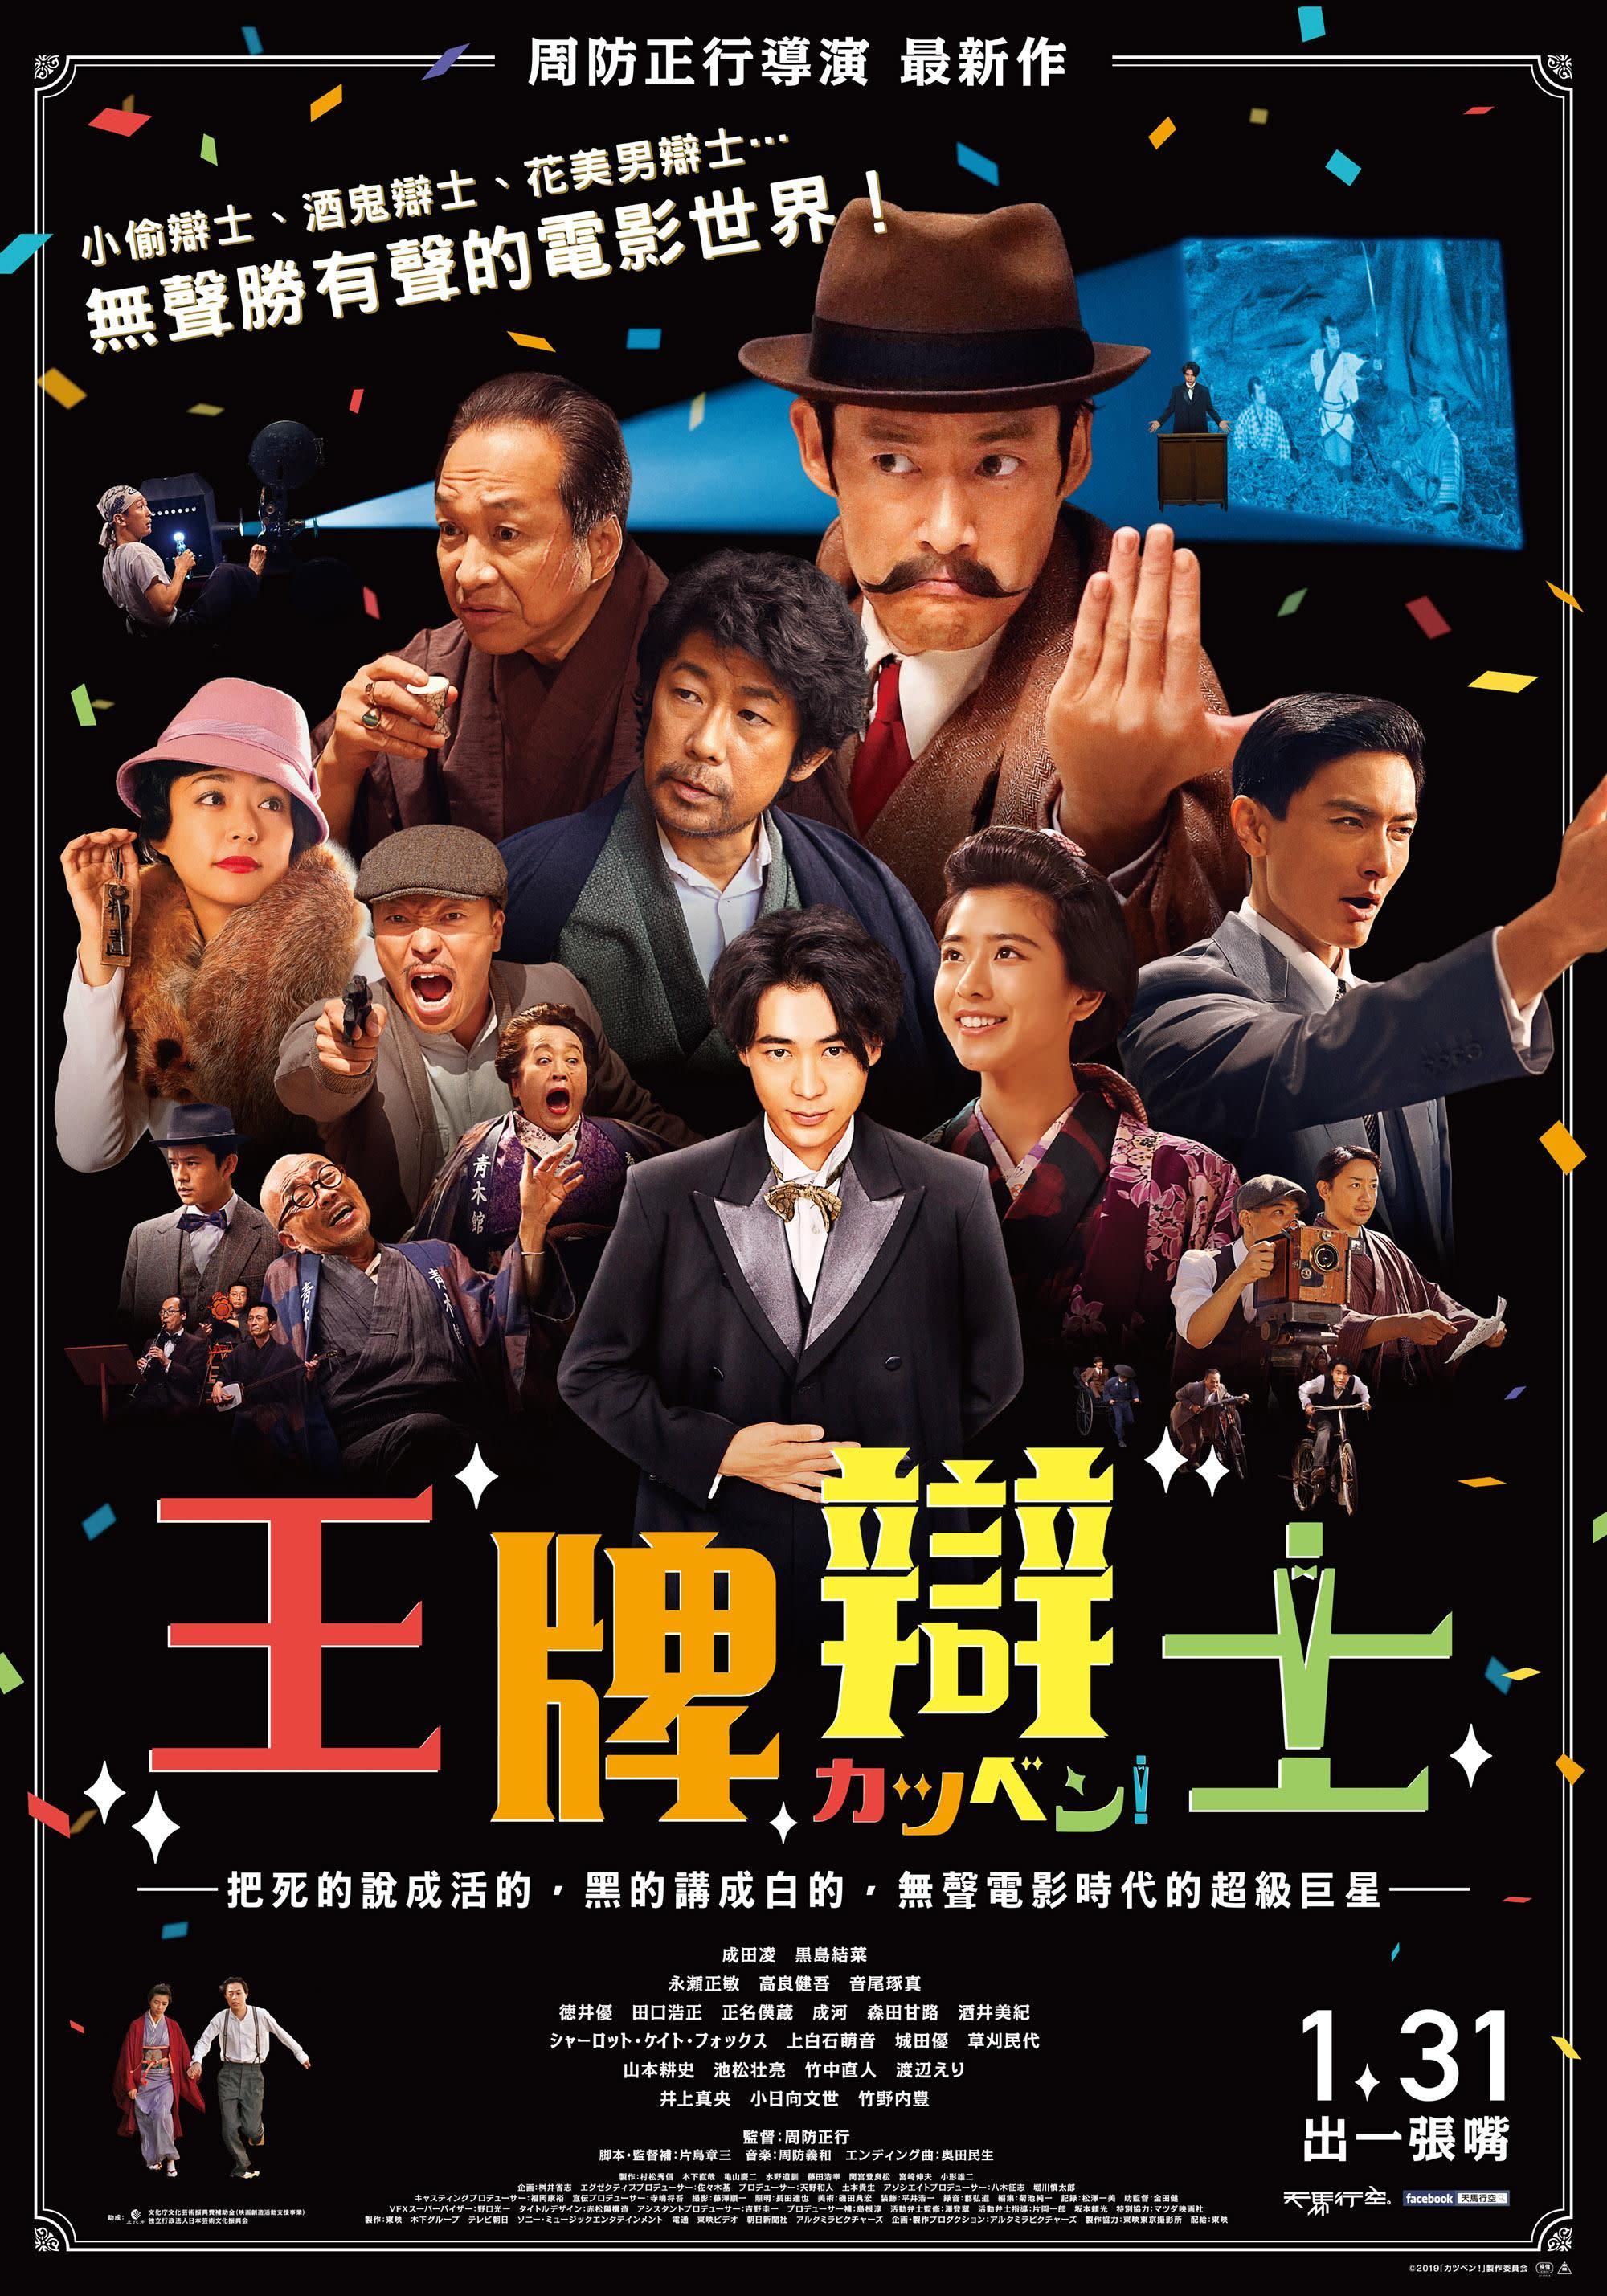 日片重磅出擊,眾多日本導演齊聚金馬影展!